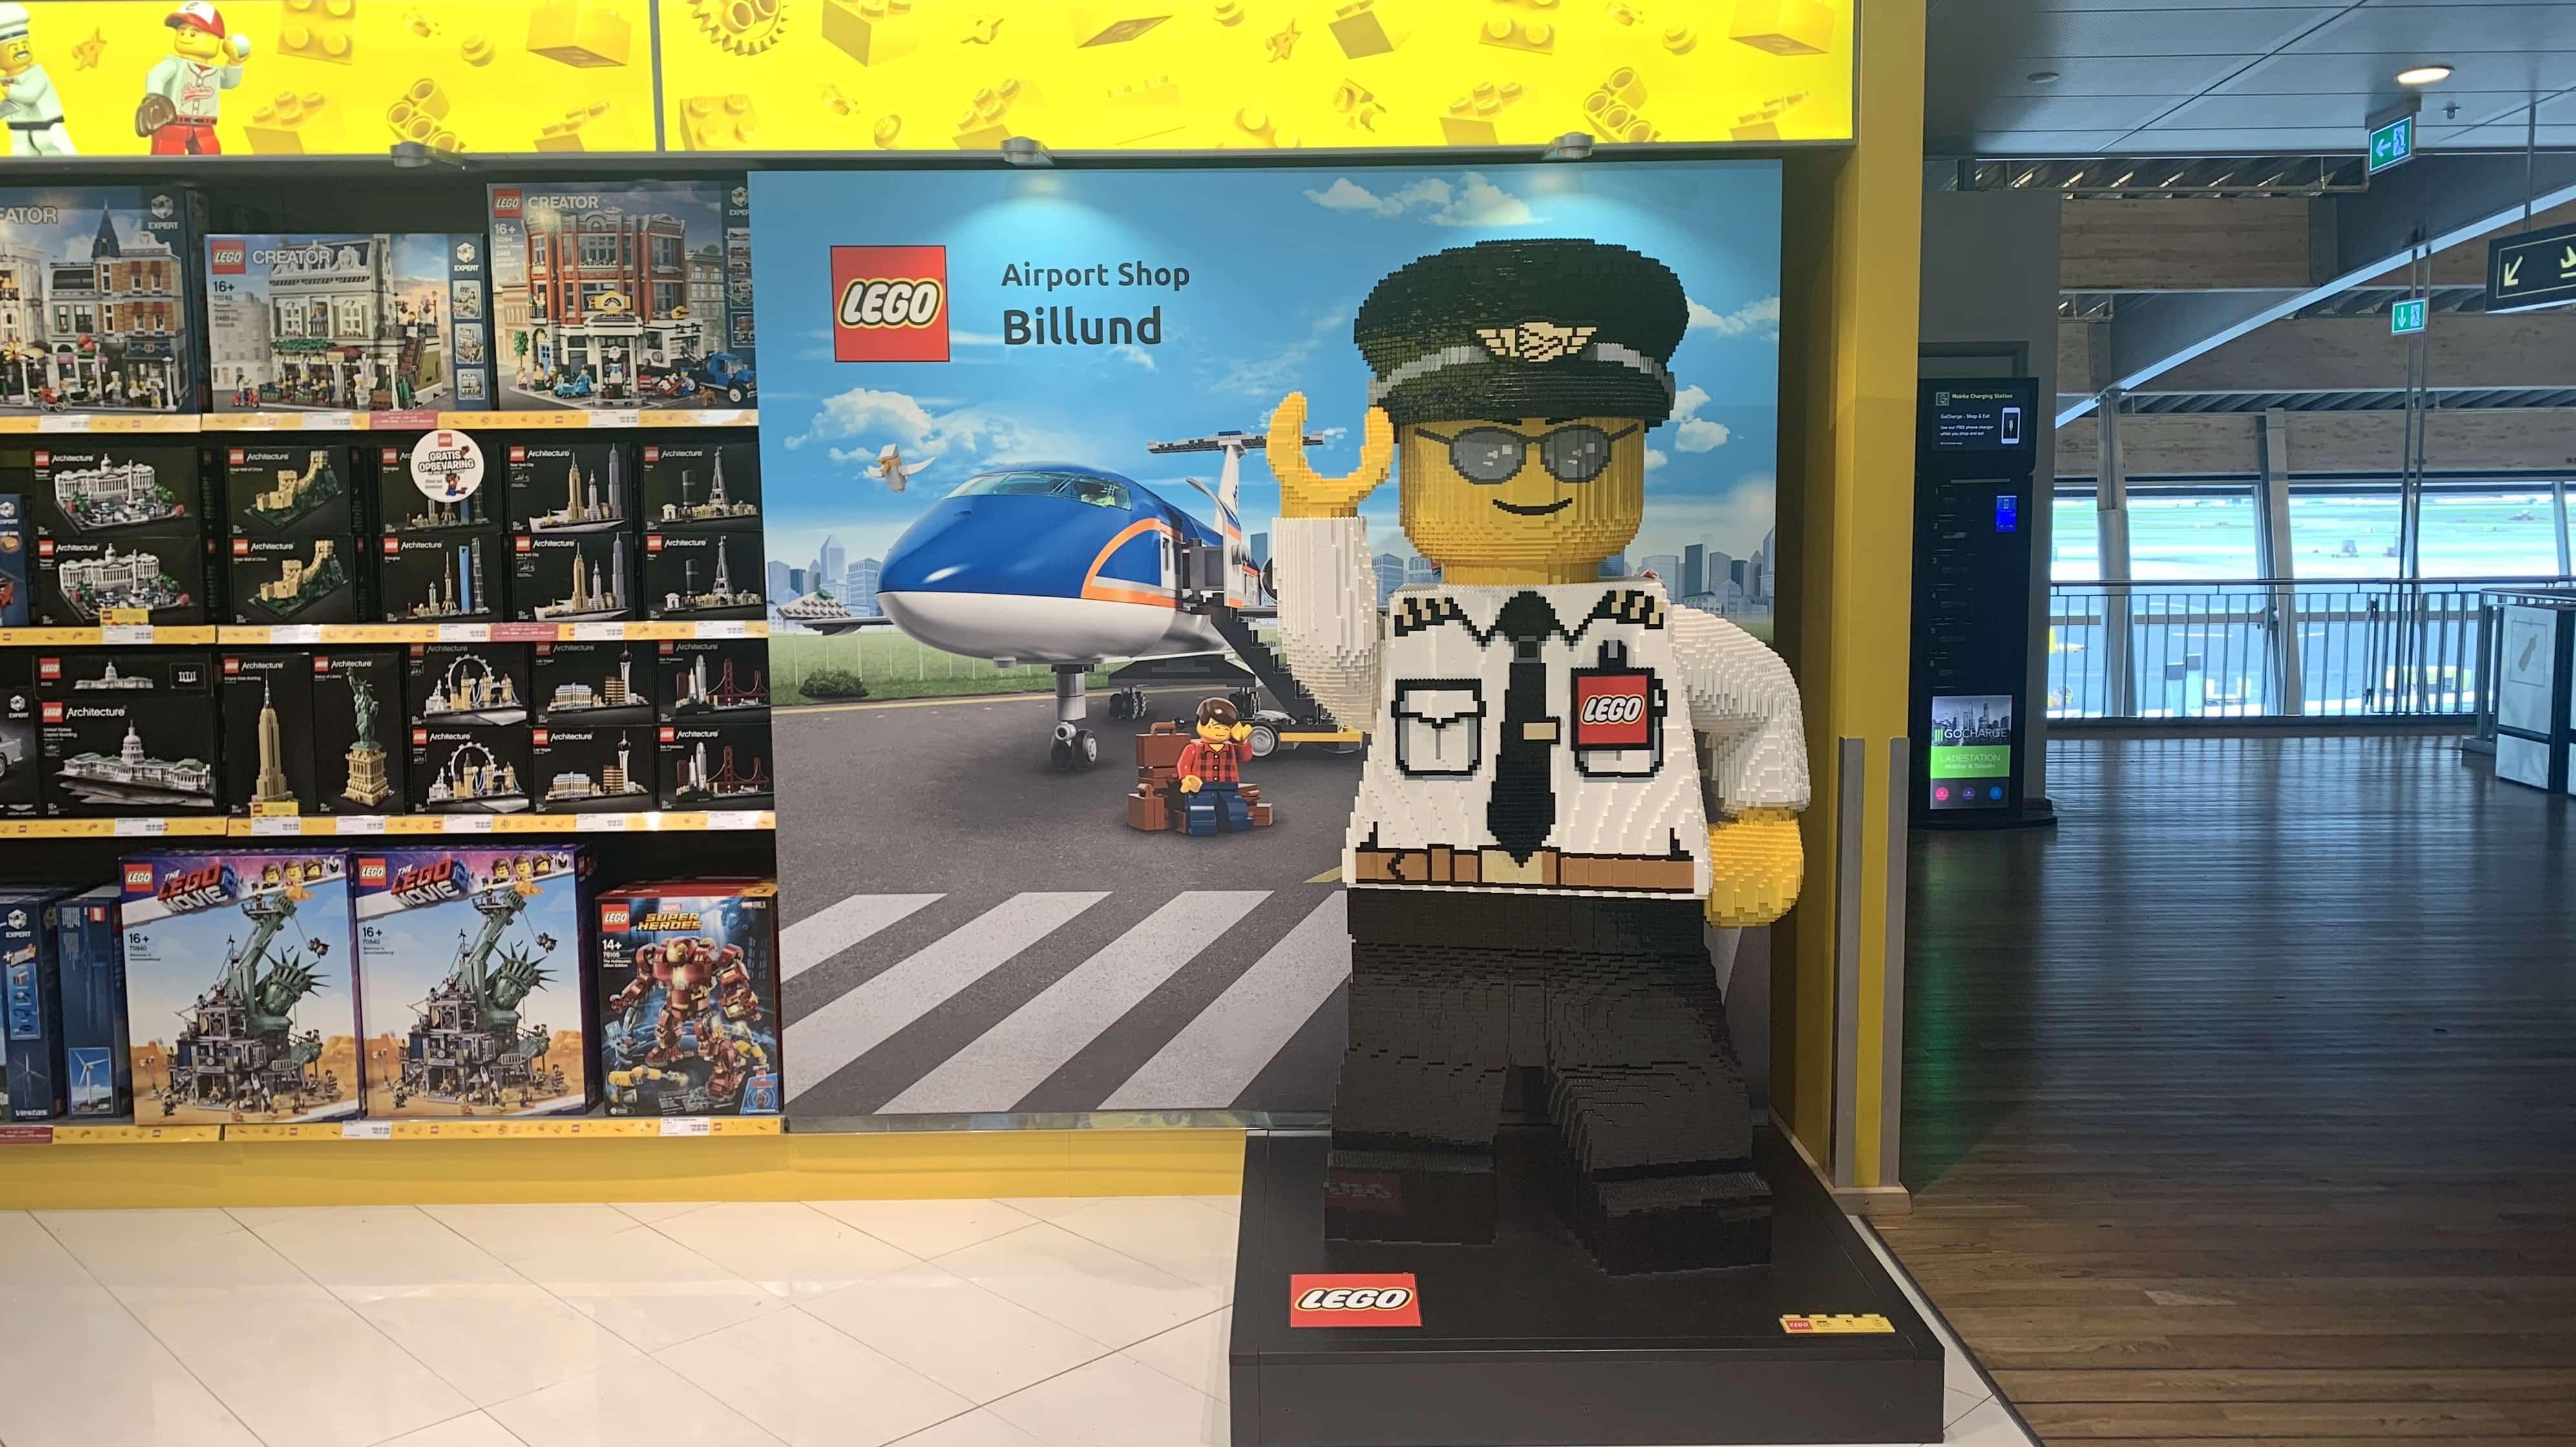 Lego ist am Flughafen in Billund allgegenwärtig